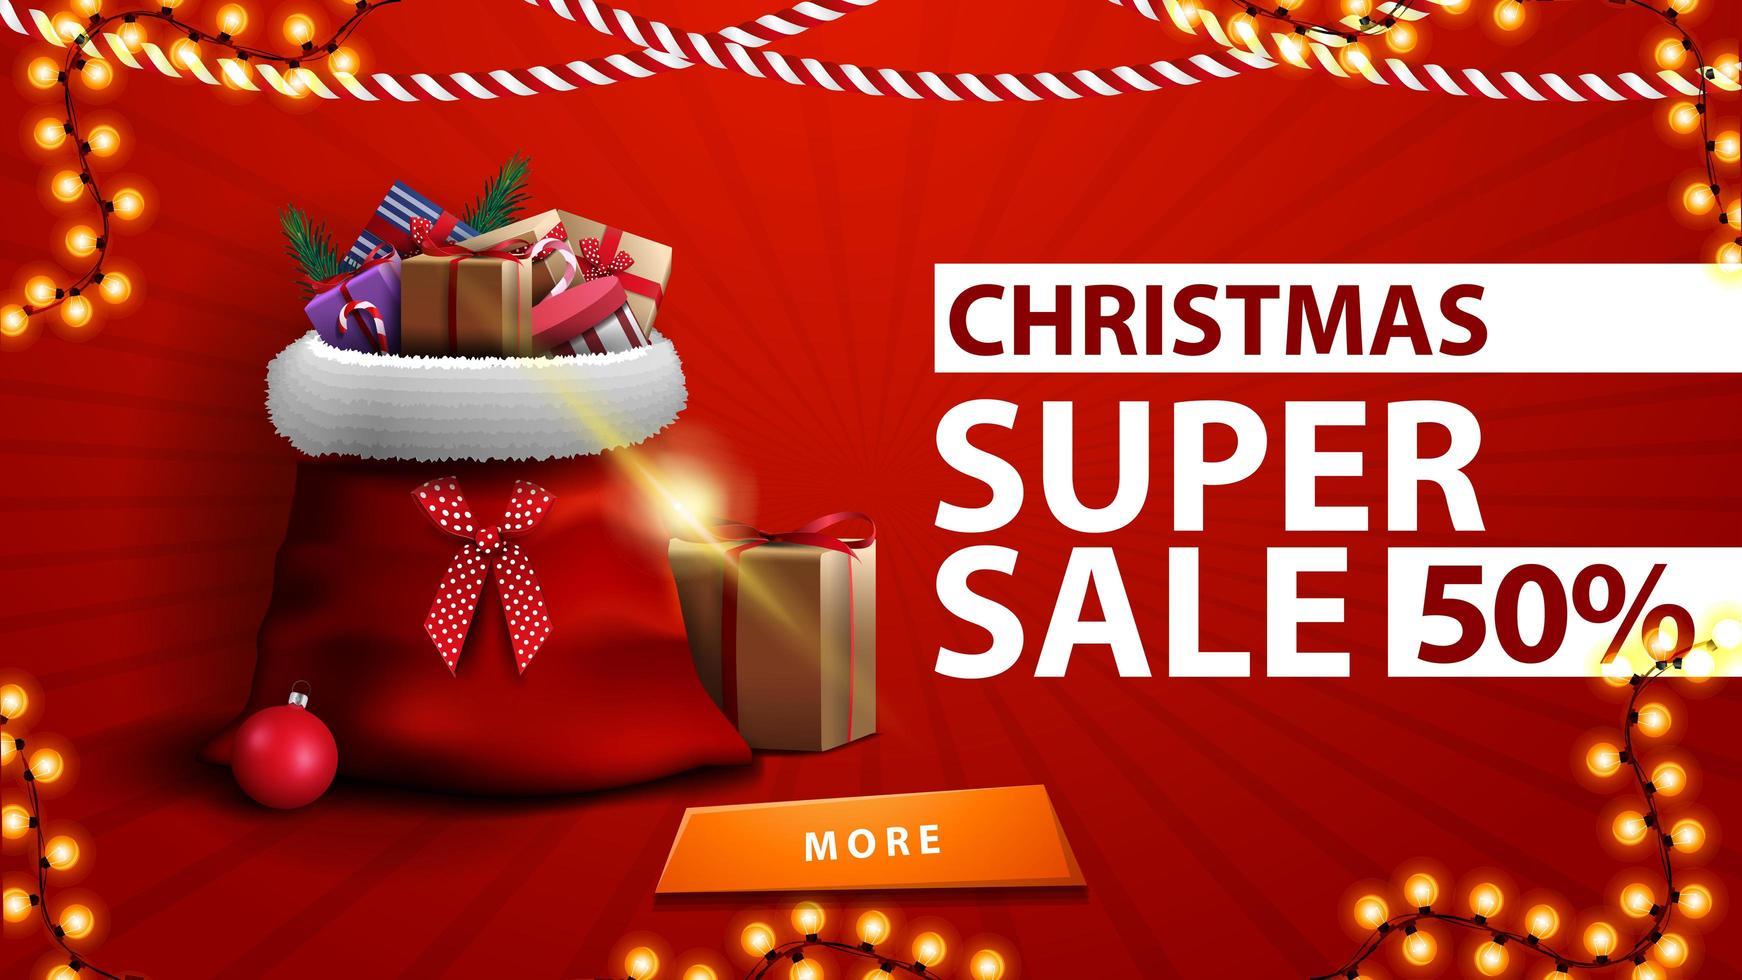 Weihnachten Super Sale, bis zu 50 Rabatt, rotes Rabatt-Banner mit Weihnachtsmann-Tasche mit Geschenken in der Nähe der Wand vektor